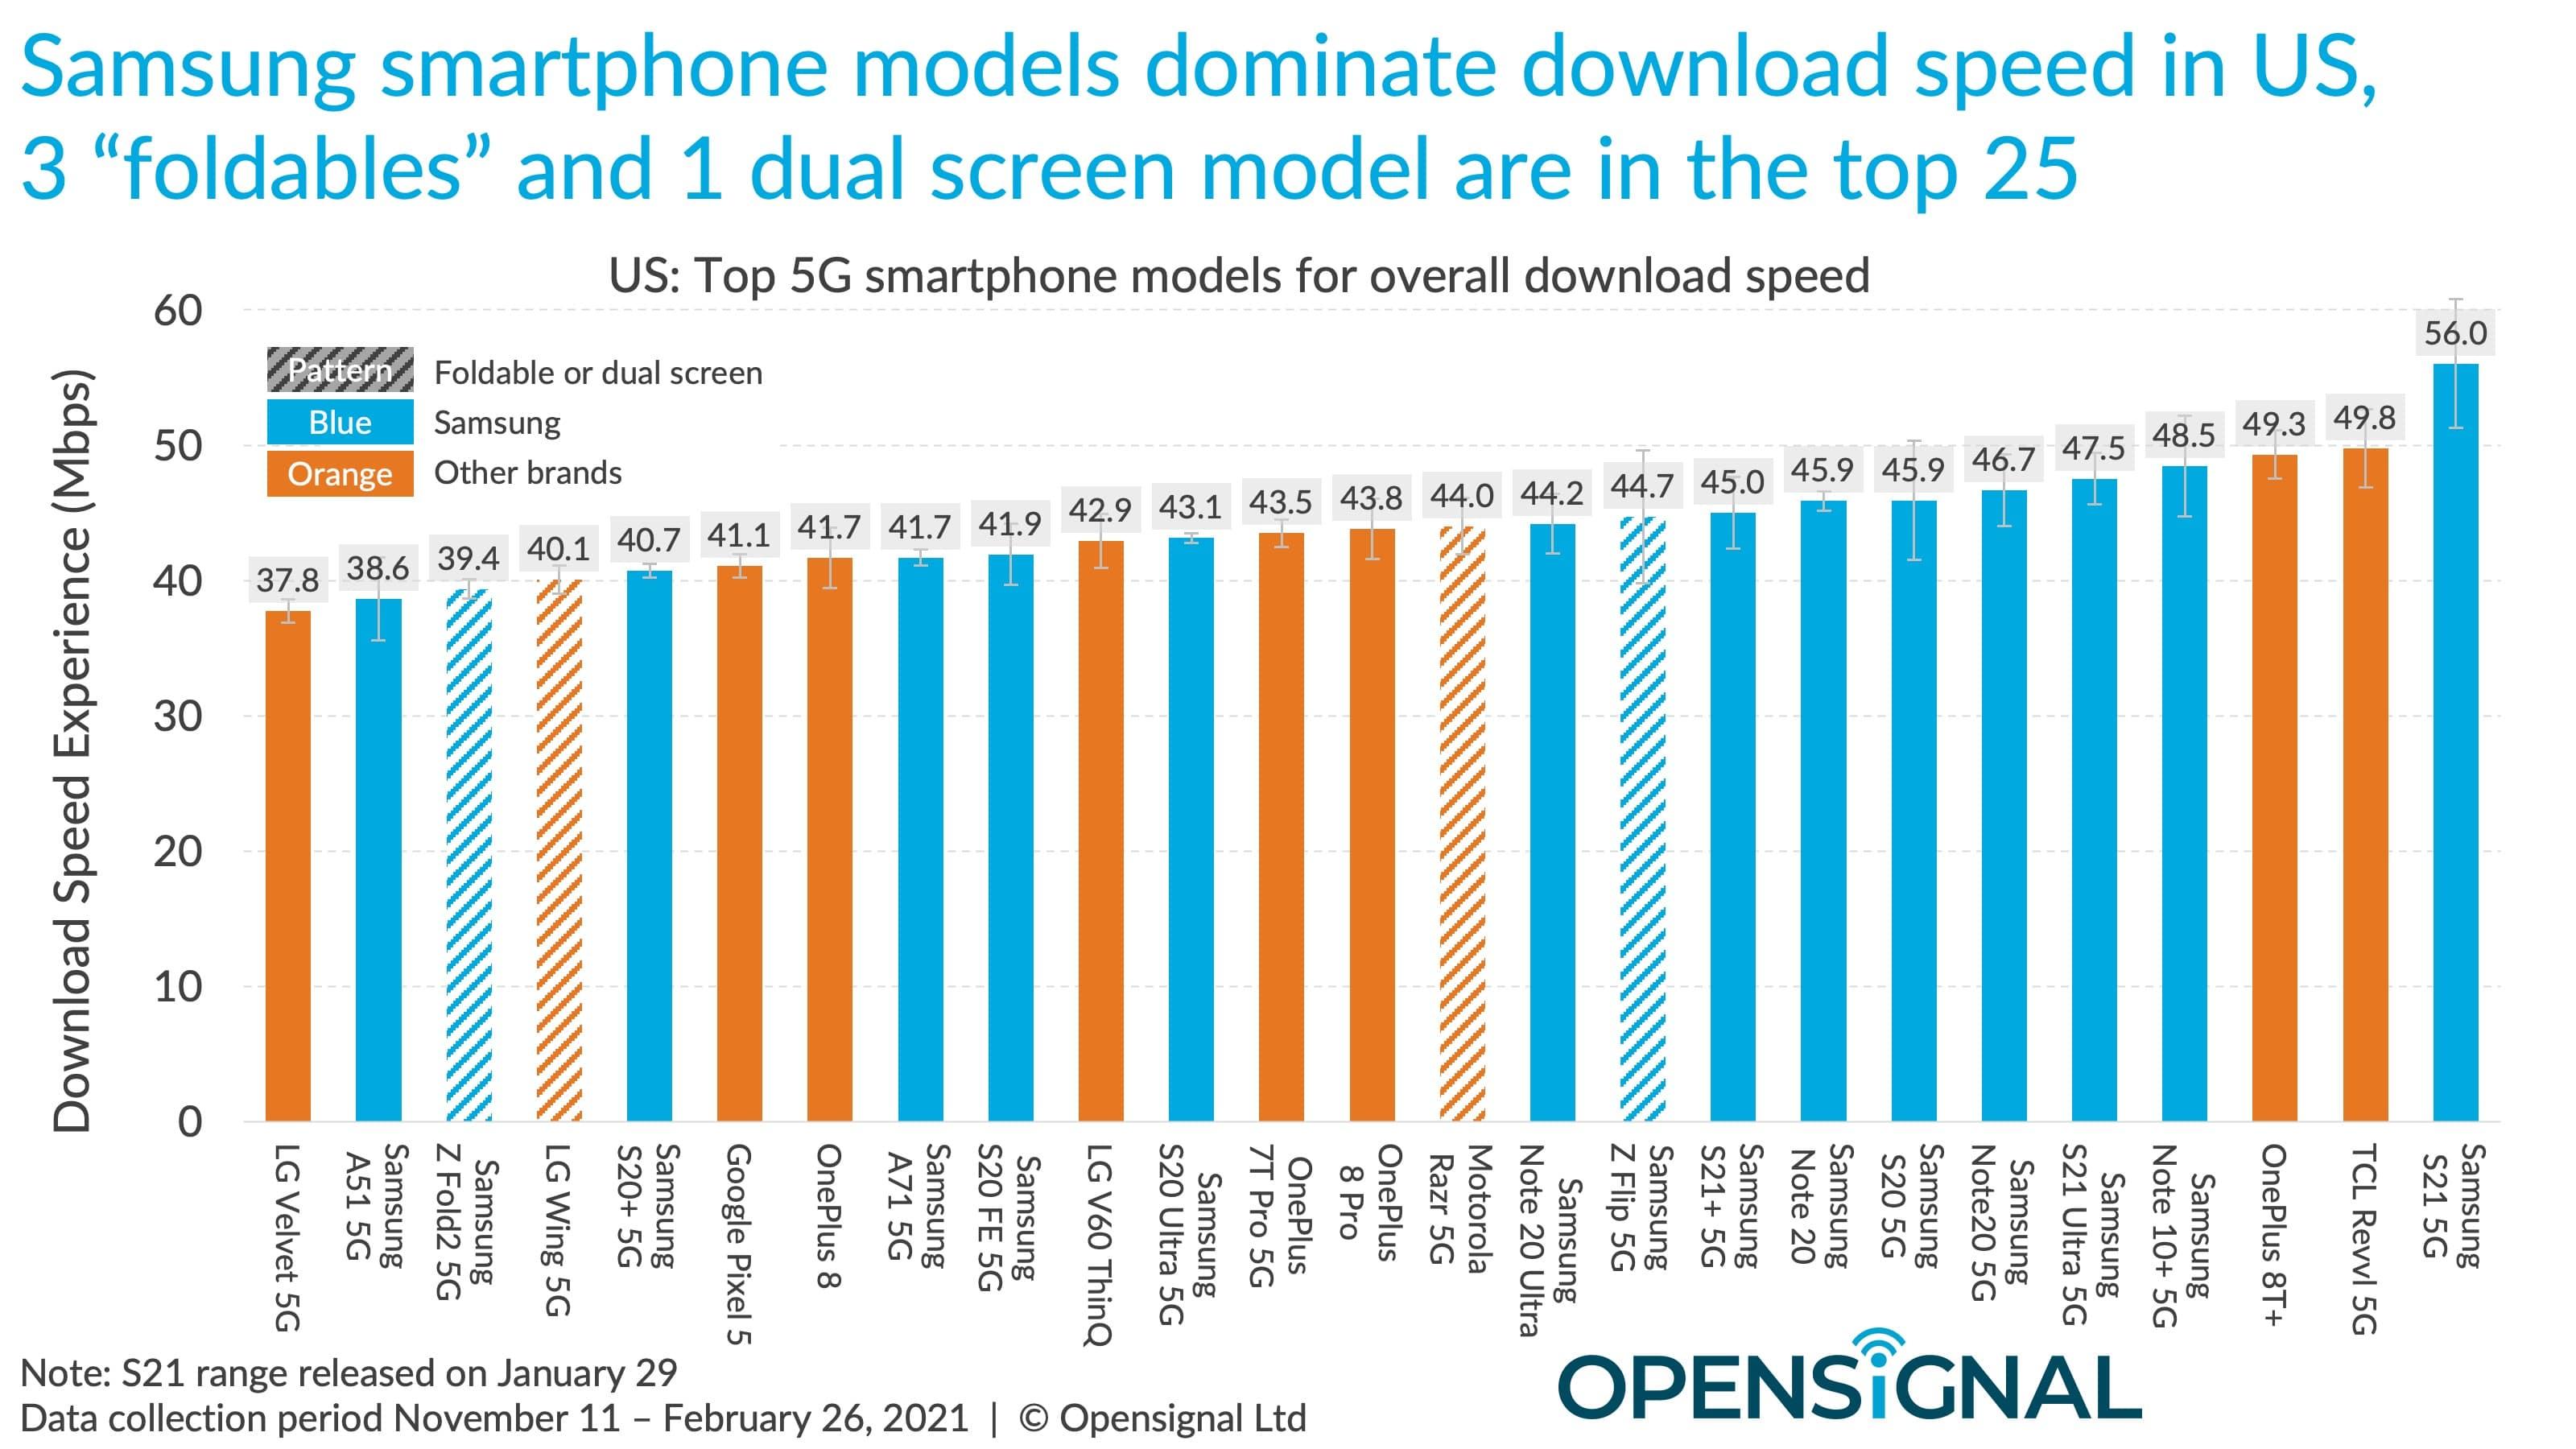 Estudo da Opensignal sobre velocidade 5G em smartphones